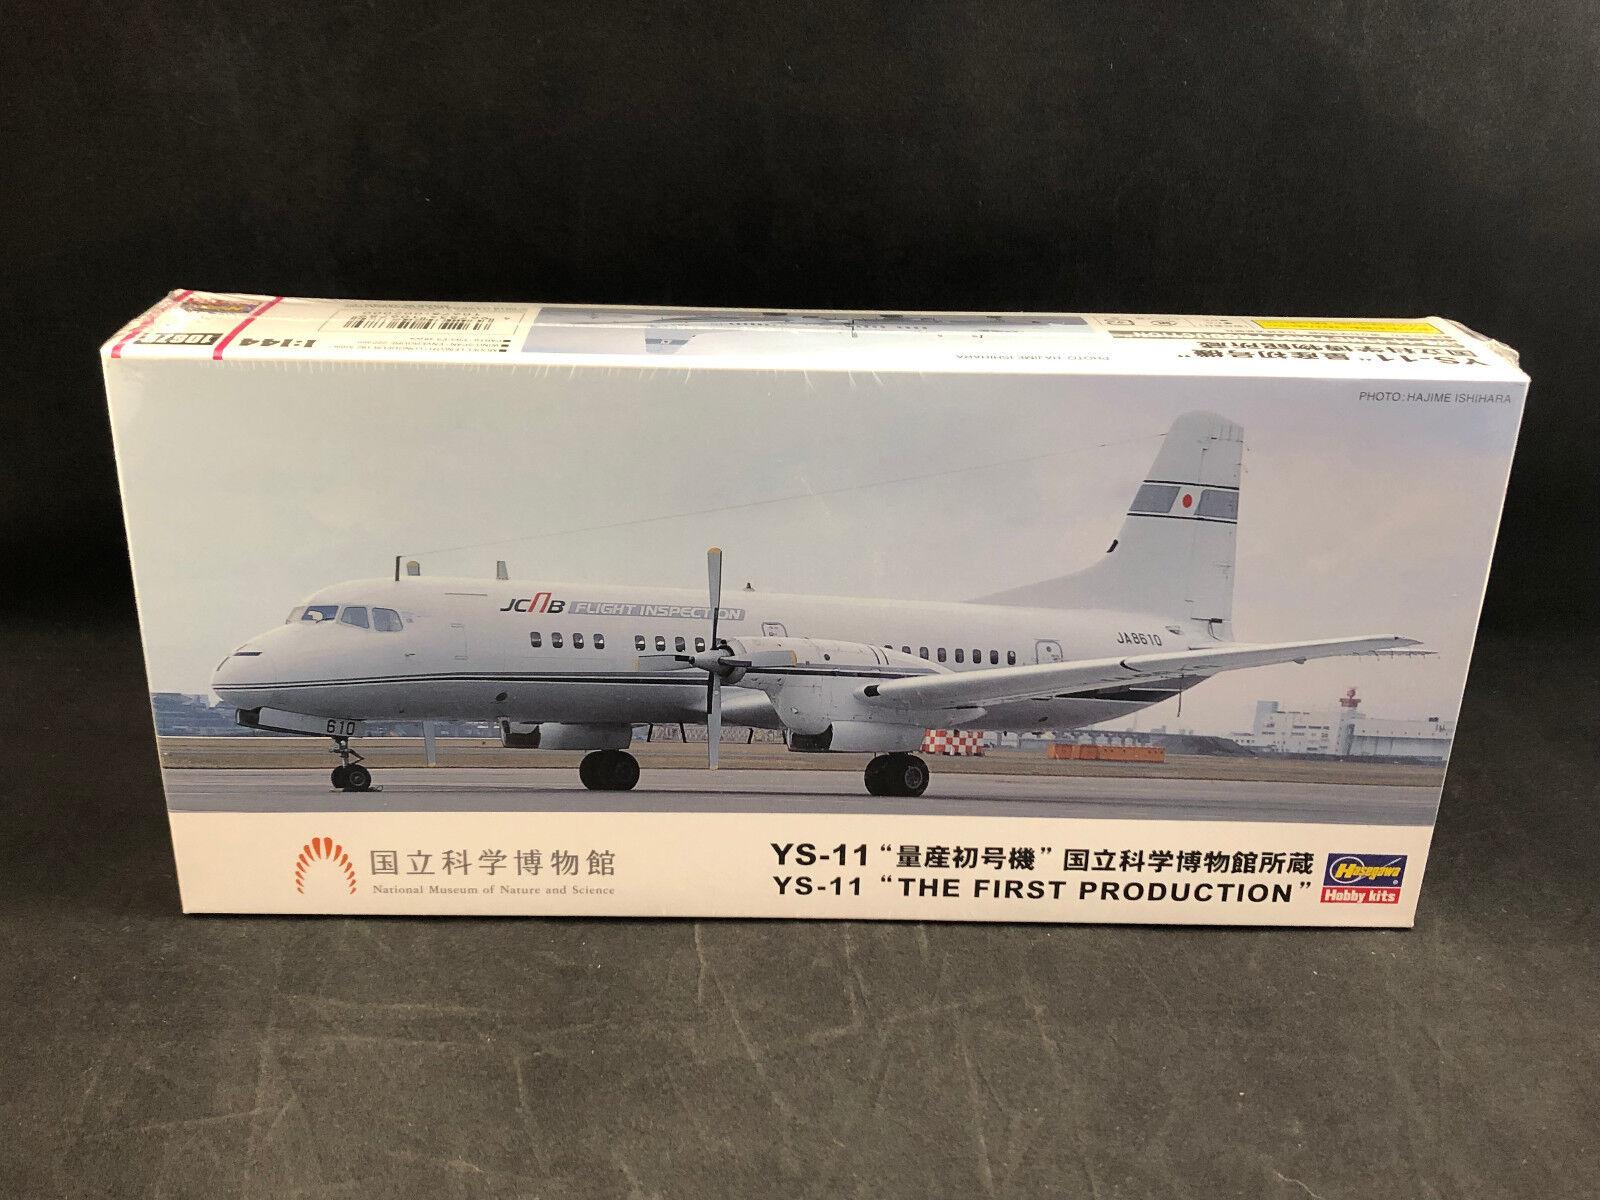 Hasegawa YS -11 Den första produktionen 1 144 skala Plastic modellllerler Kit 10678 NIB